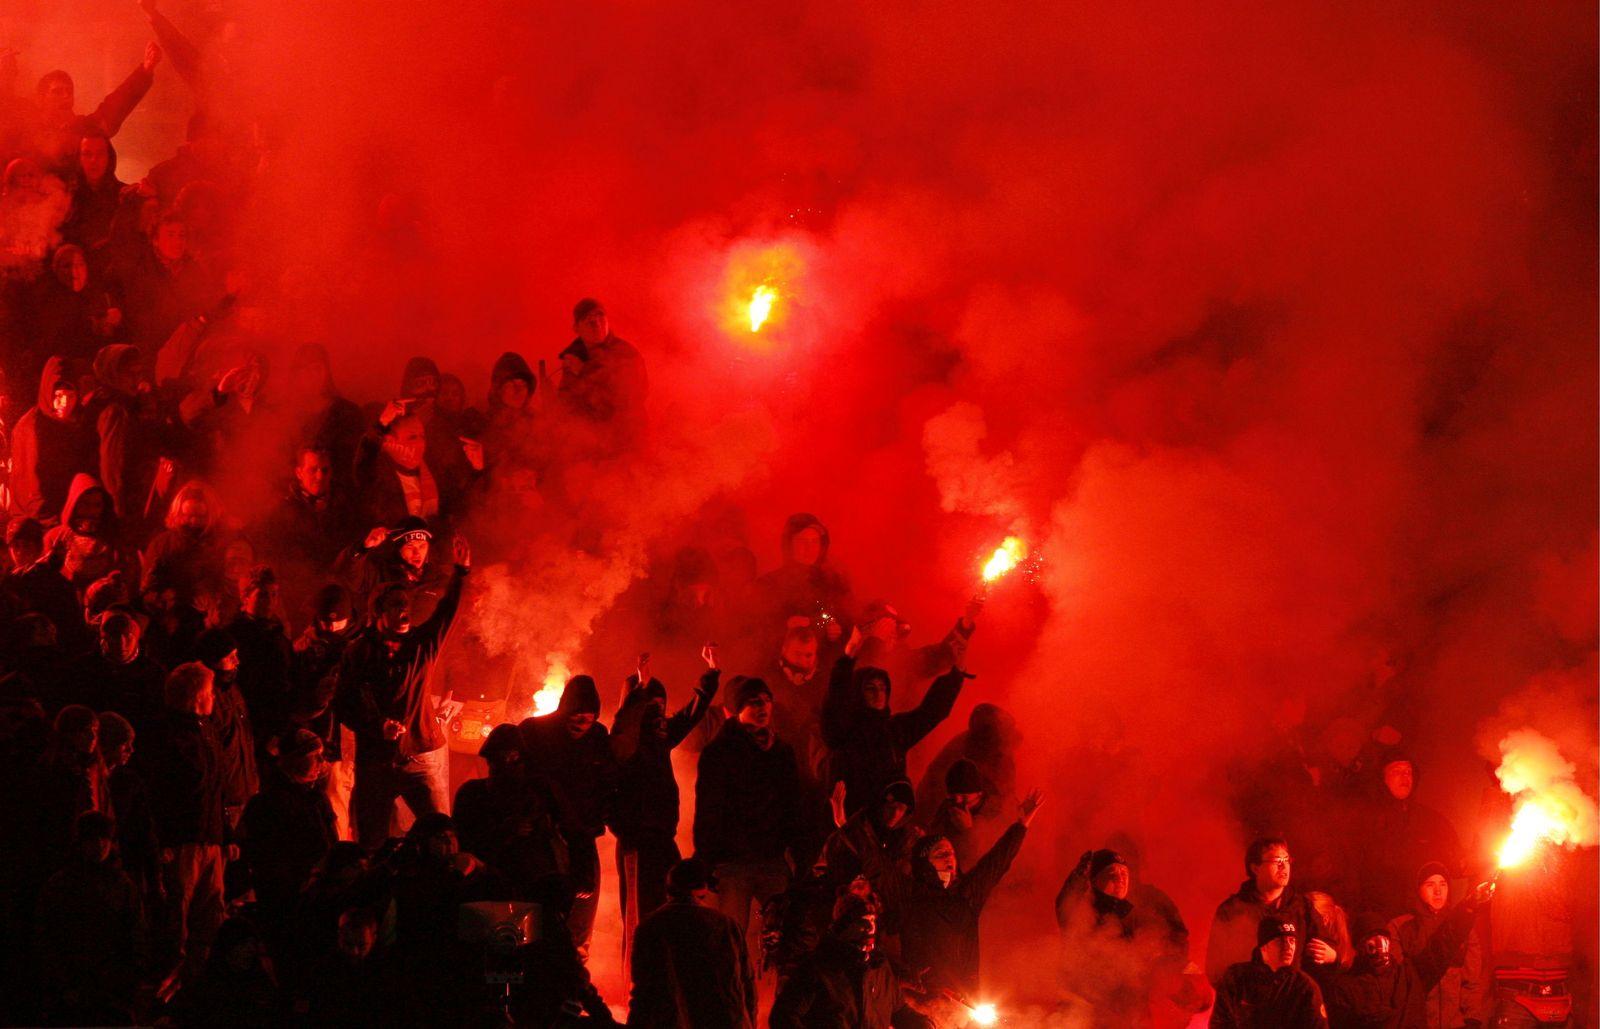 NICHT VERWENDEN 1. FC Nürnberg Fans